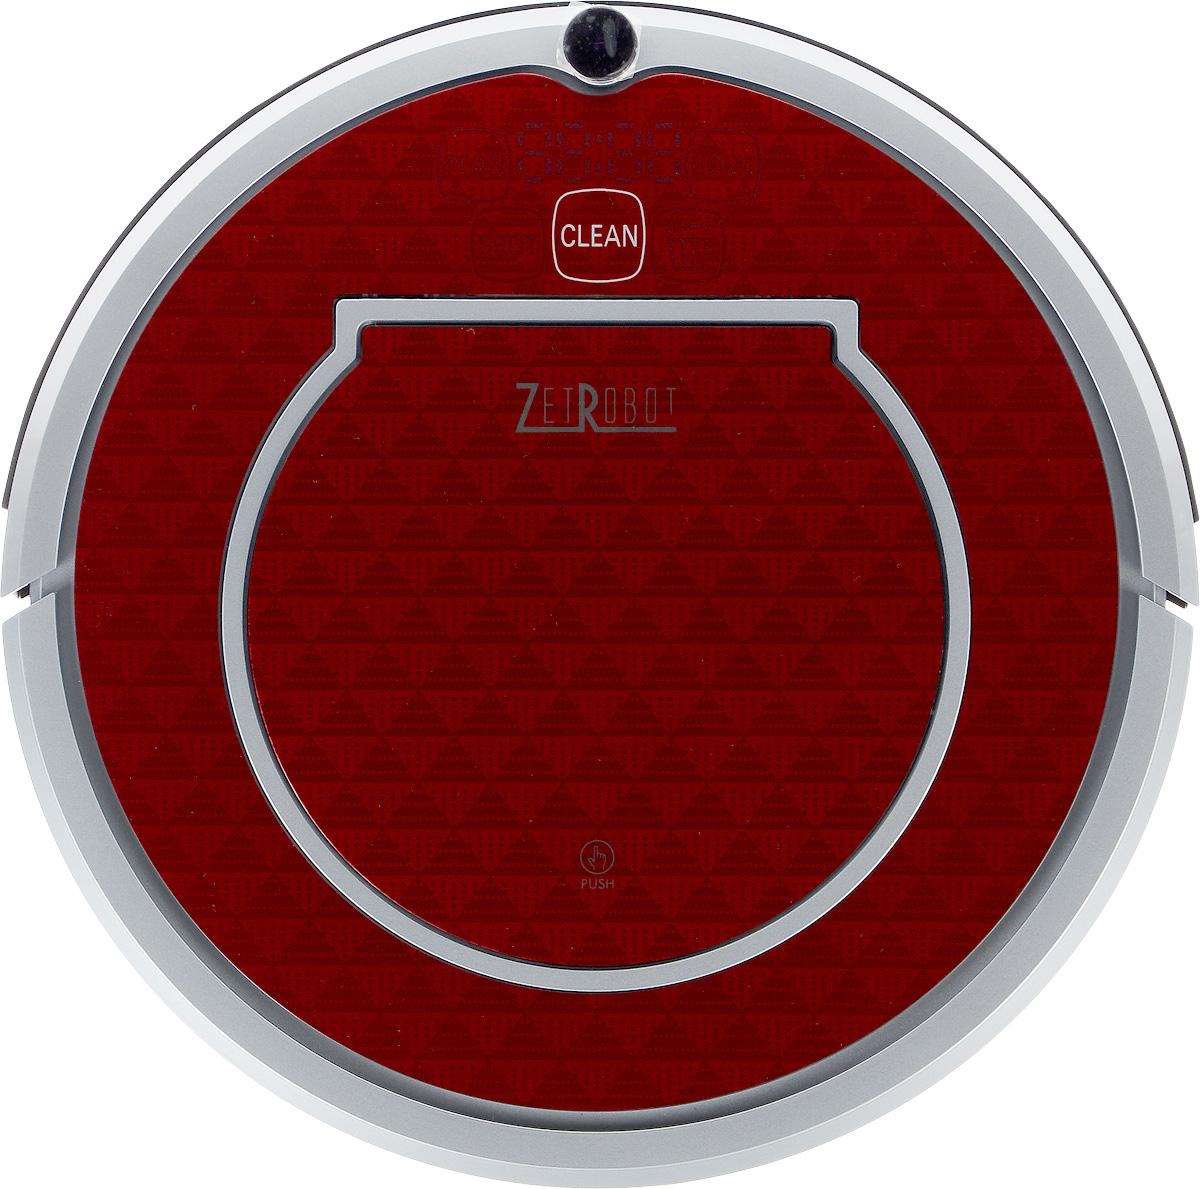 ZetRobot AH-RT, Silver Red робот-пылесос, цвет пандаAH-RT_Black Silver RedВысота ZetRobot AH-RT составляет всего 8,5 см, благодаря чему он может пройти под большинством шкафов и кроватей. Диаметр корпуса дает возможность протиснуться между близко расположенными препятствиями и убрать больше поверхности пола, чем другие пылесосы.Пылесос оснащен функциями автоматической и ручной уборки, локальной уборки и уборки по расписанию. Программа автоматической чистки позволяет устройству приступить к очистке вашей комнаты, и его движения можно изменить в зависимости от условий. Если прибор обнаружит сильное загрязнение пола, оно автоматически переключится в режим точечной уборки во вращающейся конфигурации.Ограничитель движения создает невидимый барьер, который ZetRobot AH-RT не пересекает. Он позволяет легко ограничить область работы в определенной комнате или помещении, а также предотвратить приближение устройства к хрупким или опасным предметам.В целях экономии электроэнергии ZetRobot AH-RT работает в одном режиме после перевода индикатора питания в положение ВКЛ. Если устройство долгое время не используется и не заряжается, оно переходит в спящий режим.Время уборки также можно запланировать с помощью режима планирования.Внимание! Во время зарядки нельзя открывать крышку робота, процесс зарядки прекращается.Если робот используется меньше, чем 1 раз в неделю, перед новым использованием необходимо зарядить его в течение 8 часов, чтобы активировать батарею.